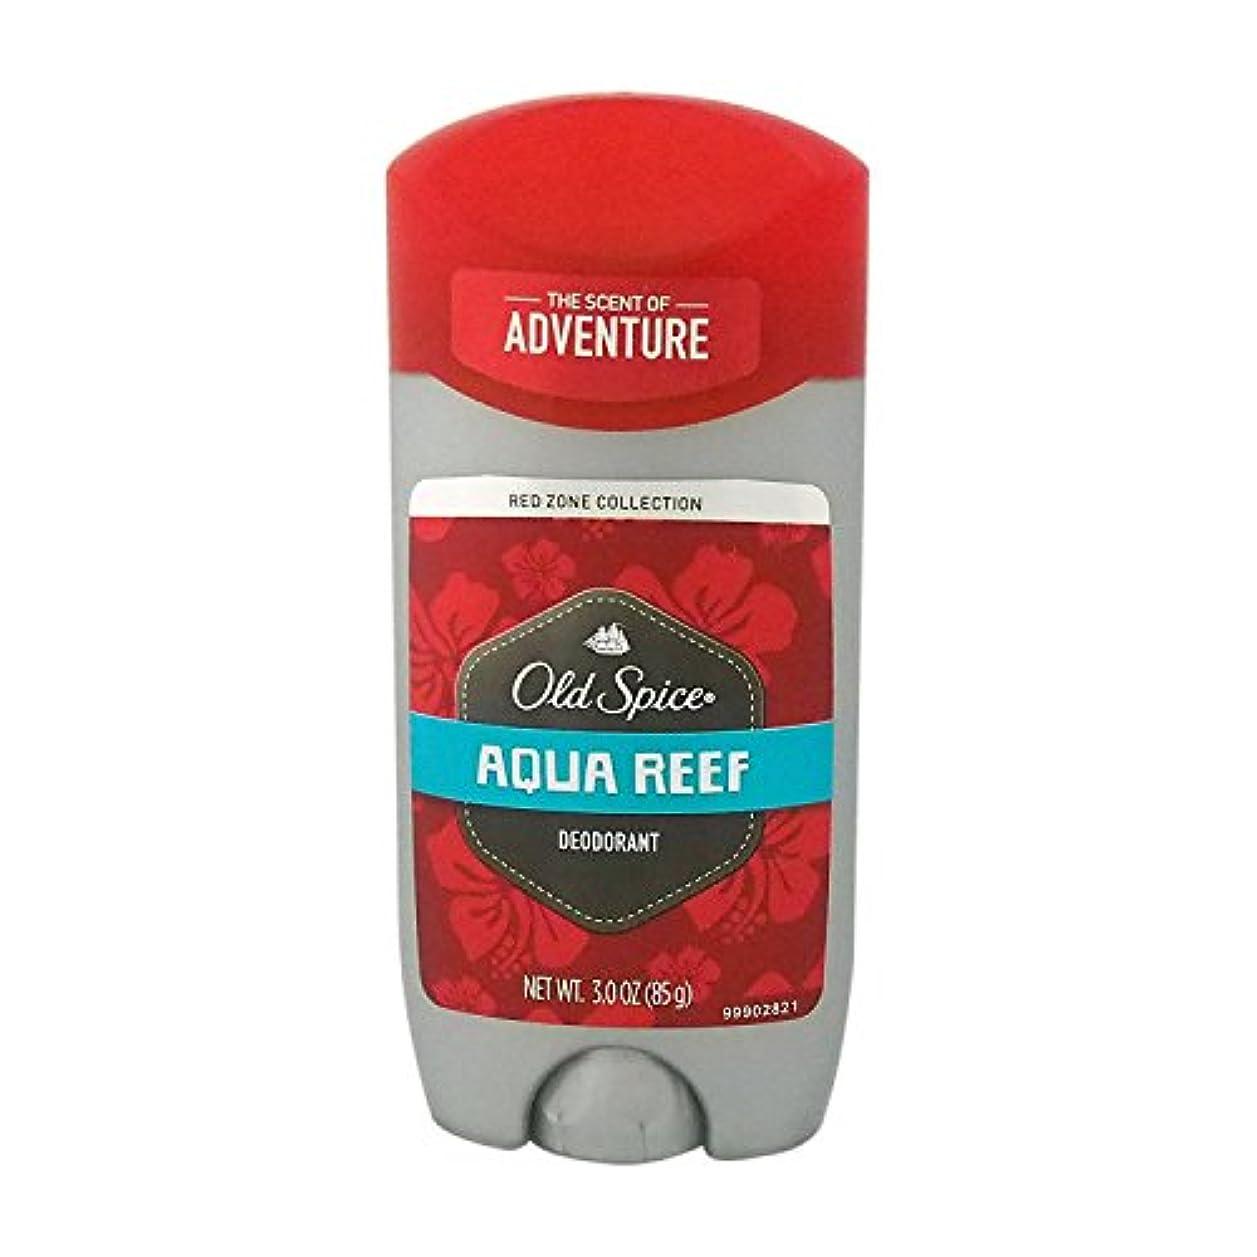 シエスタ温度計習熟度オールドスパイス(Old Spice) RED ZONE COLLECTION アクアリーフ デオドラント 85g[並行輸入品]